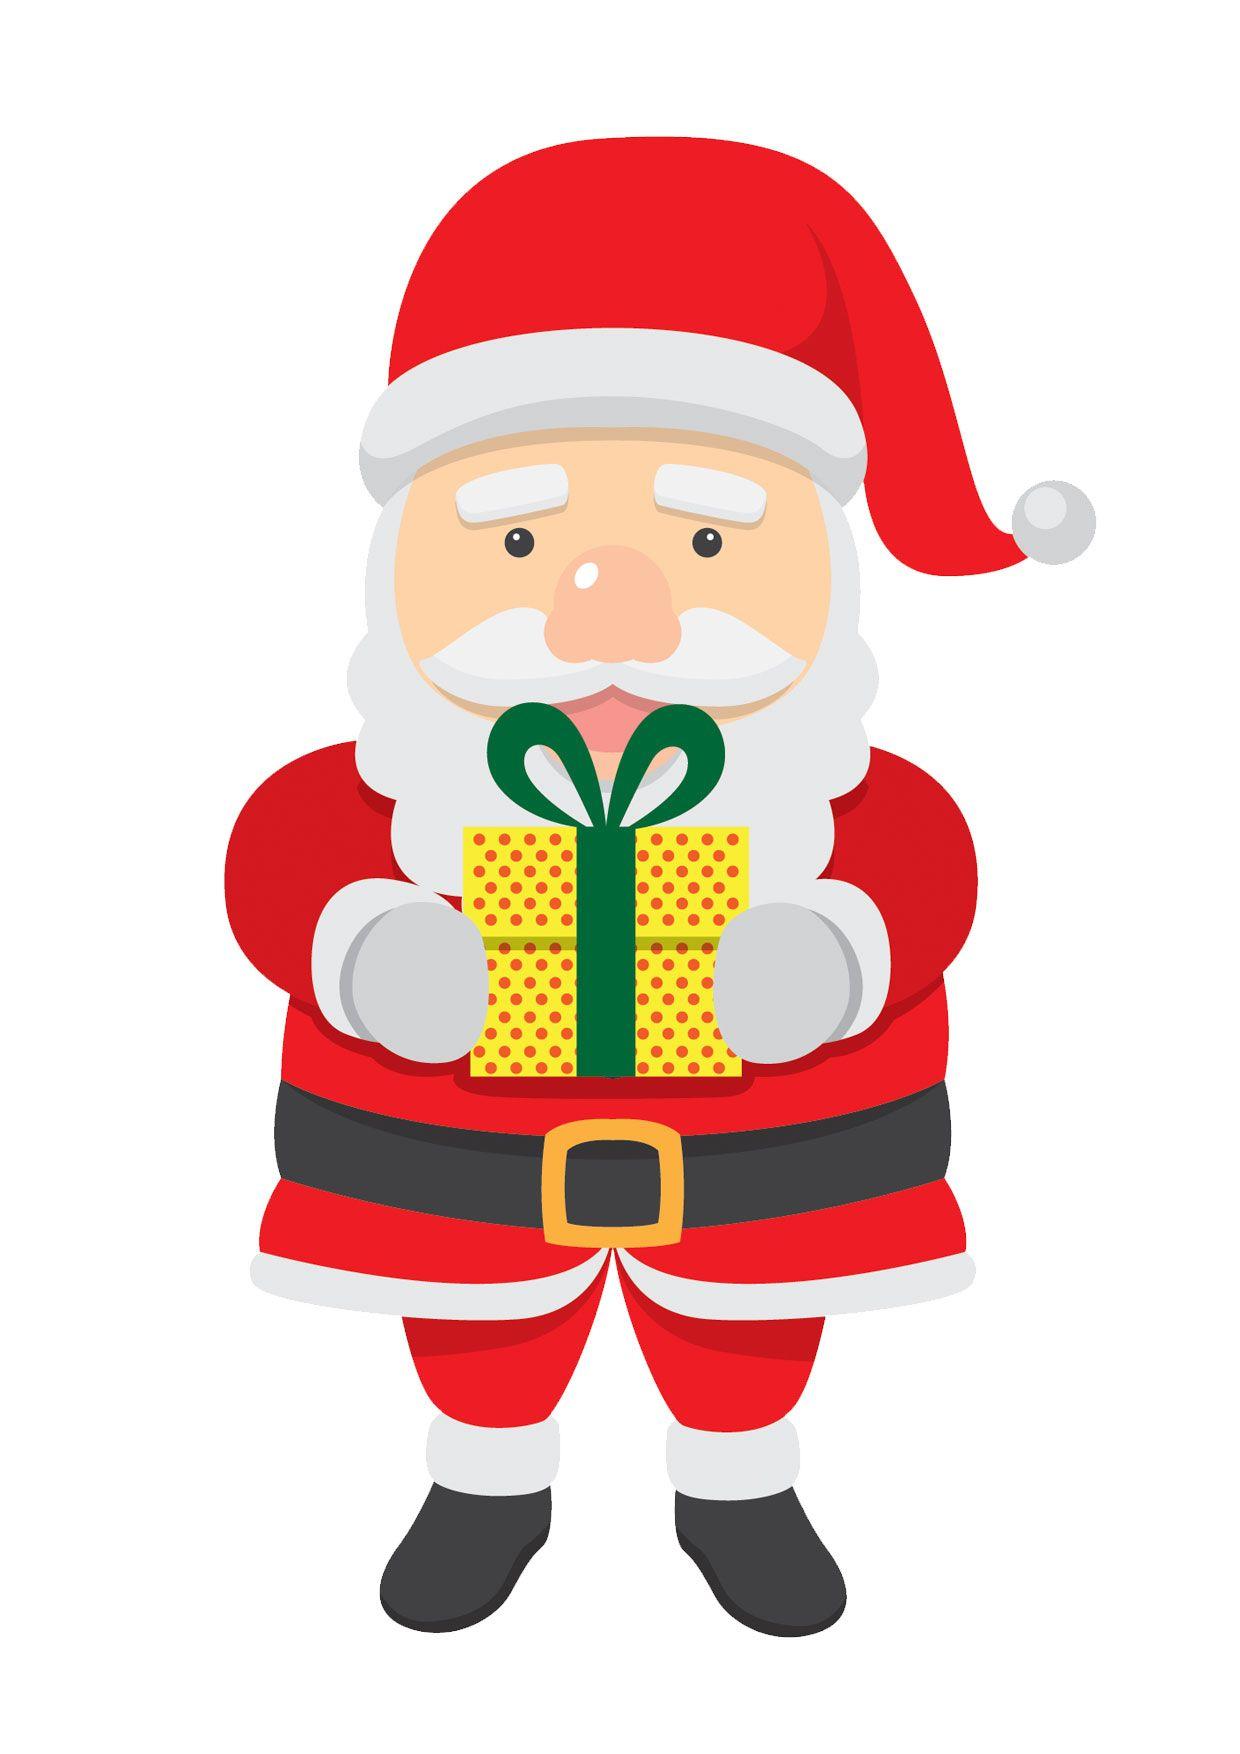 Immagini Colorate Di Babbo Natale.30 Disegni Di Babbo Natale Gia Colorati Da Stampare Babbo Natale Disegni Natale